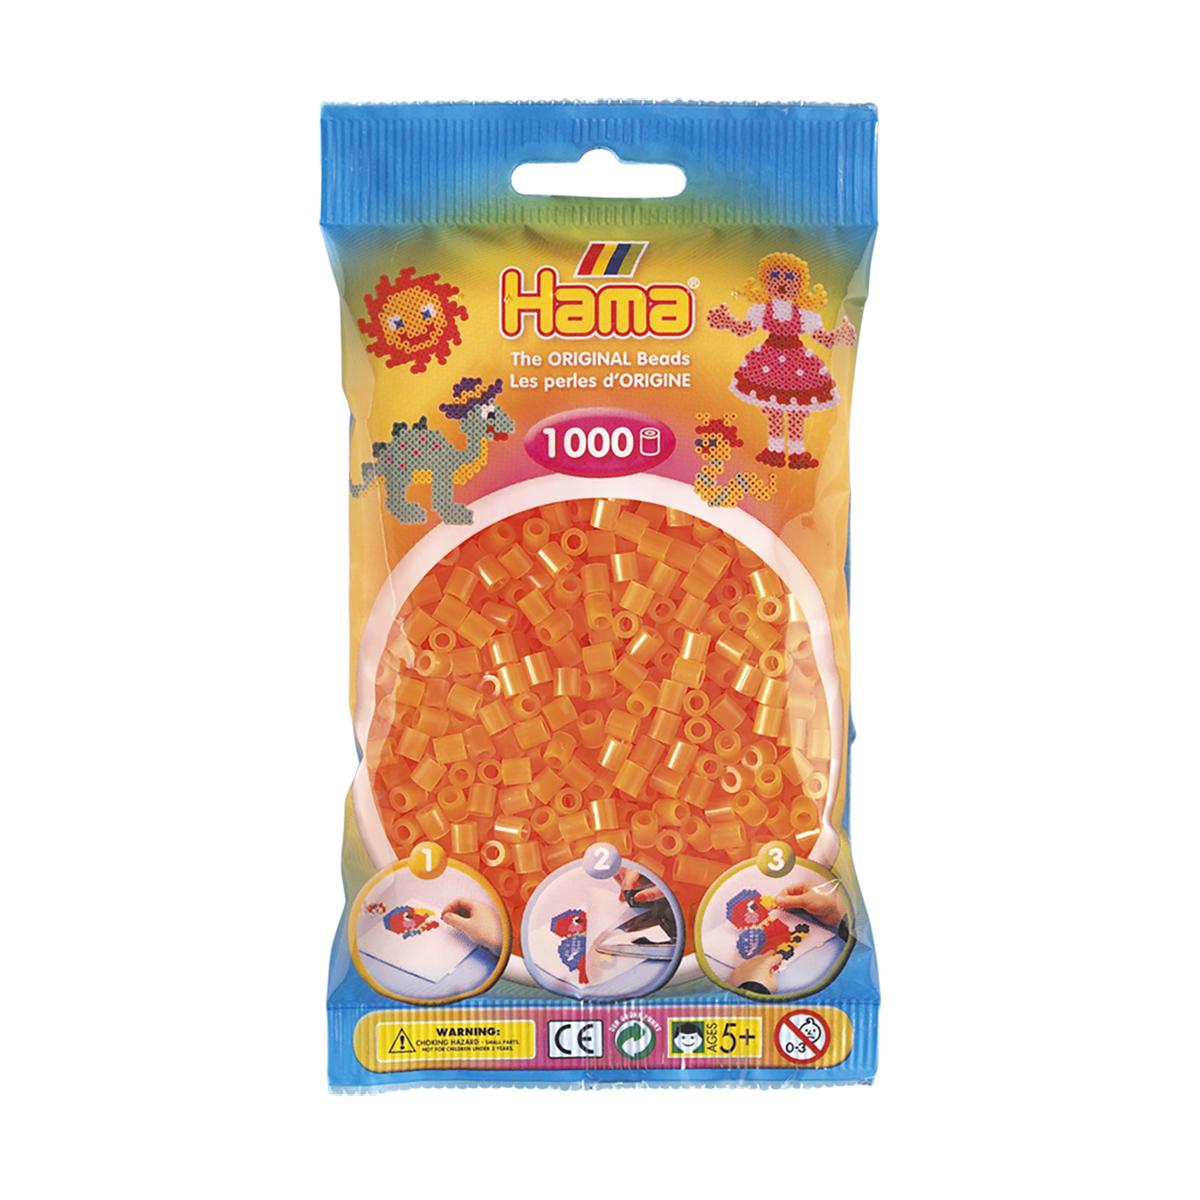 ハマビーズ 蛍光クリアオレンジ(単色)